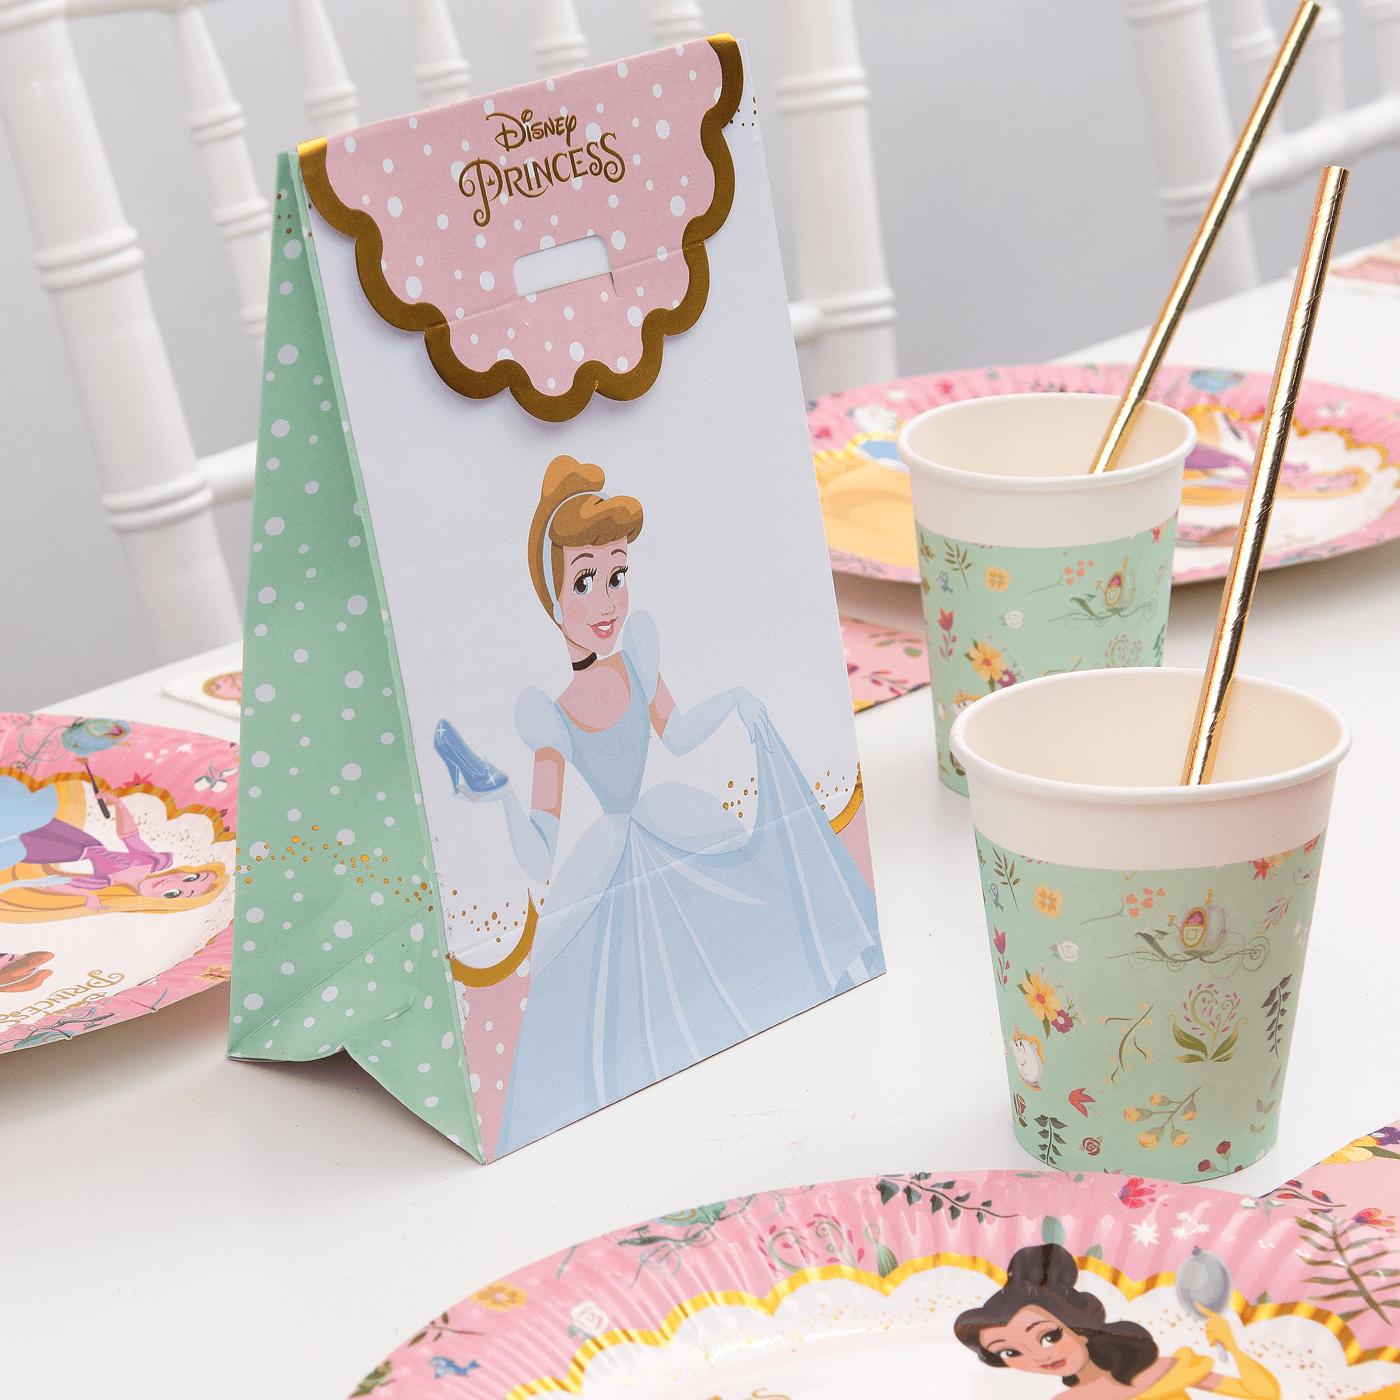 Imagen de producto: https://tienda.postreadiccion.com/img/articulos/secundarias13139-8-platos-de-princesas-disney-con-forma-2.jpg